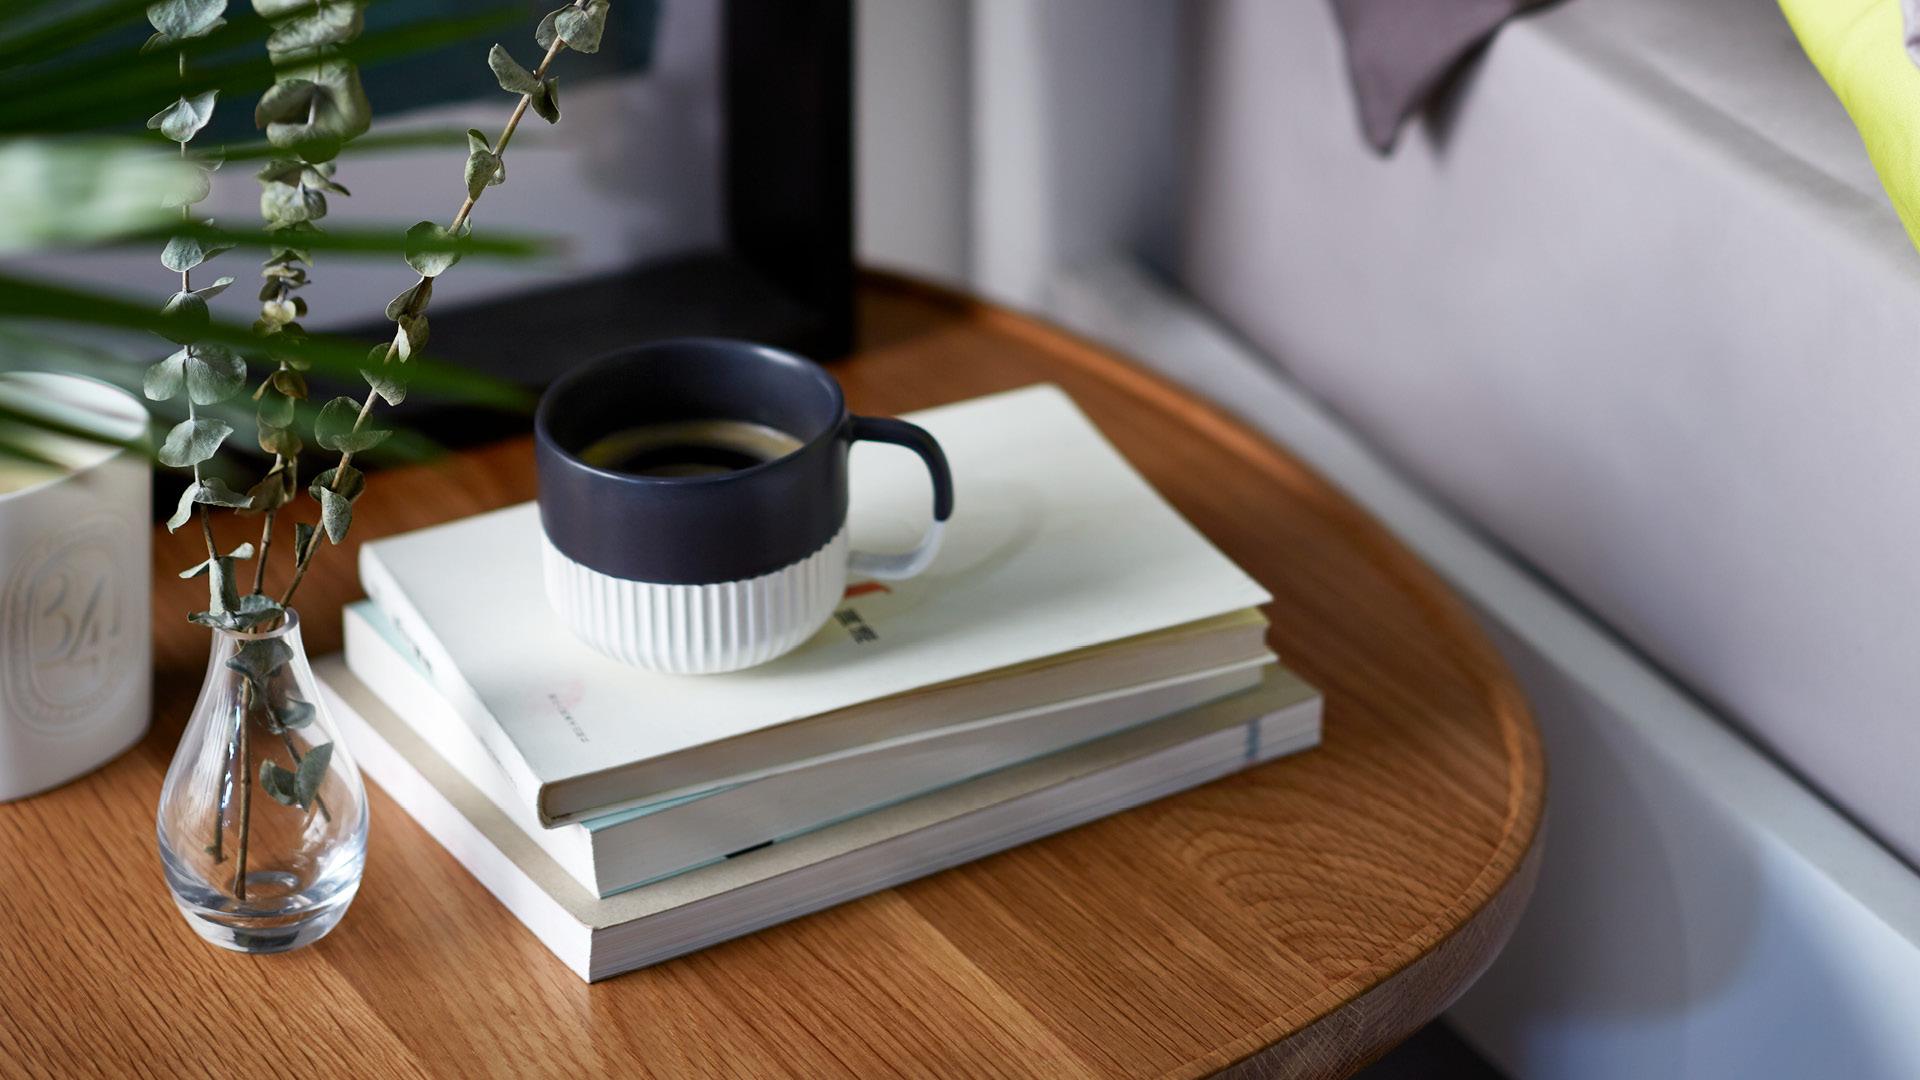 一花一茶,陪伴阅读时光